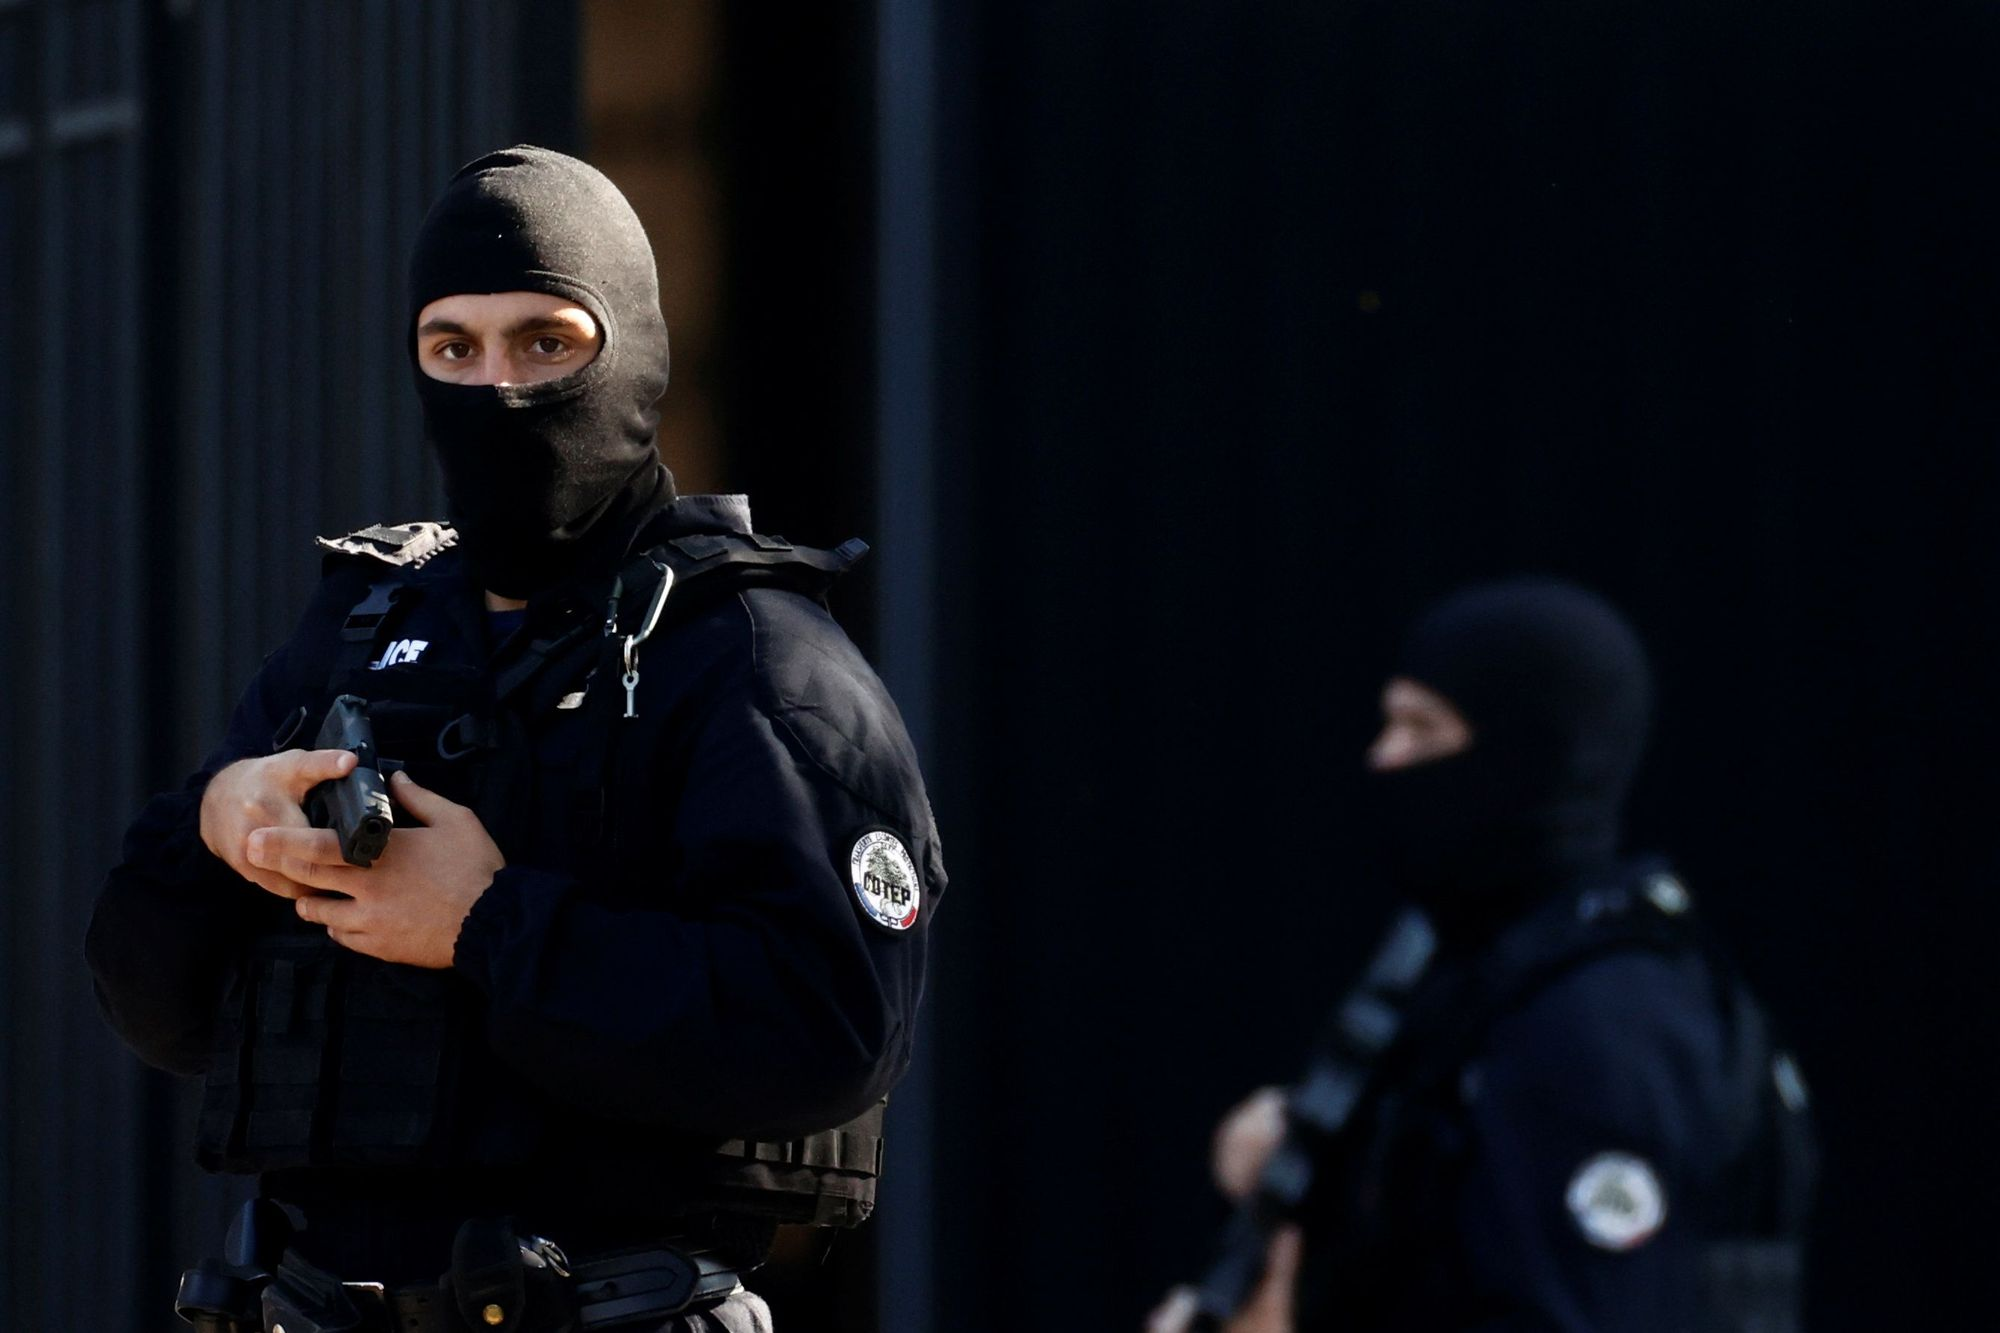 Grandes medidas de seguridad en el juicio por los atentados de París